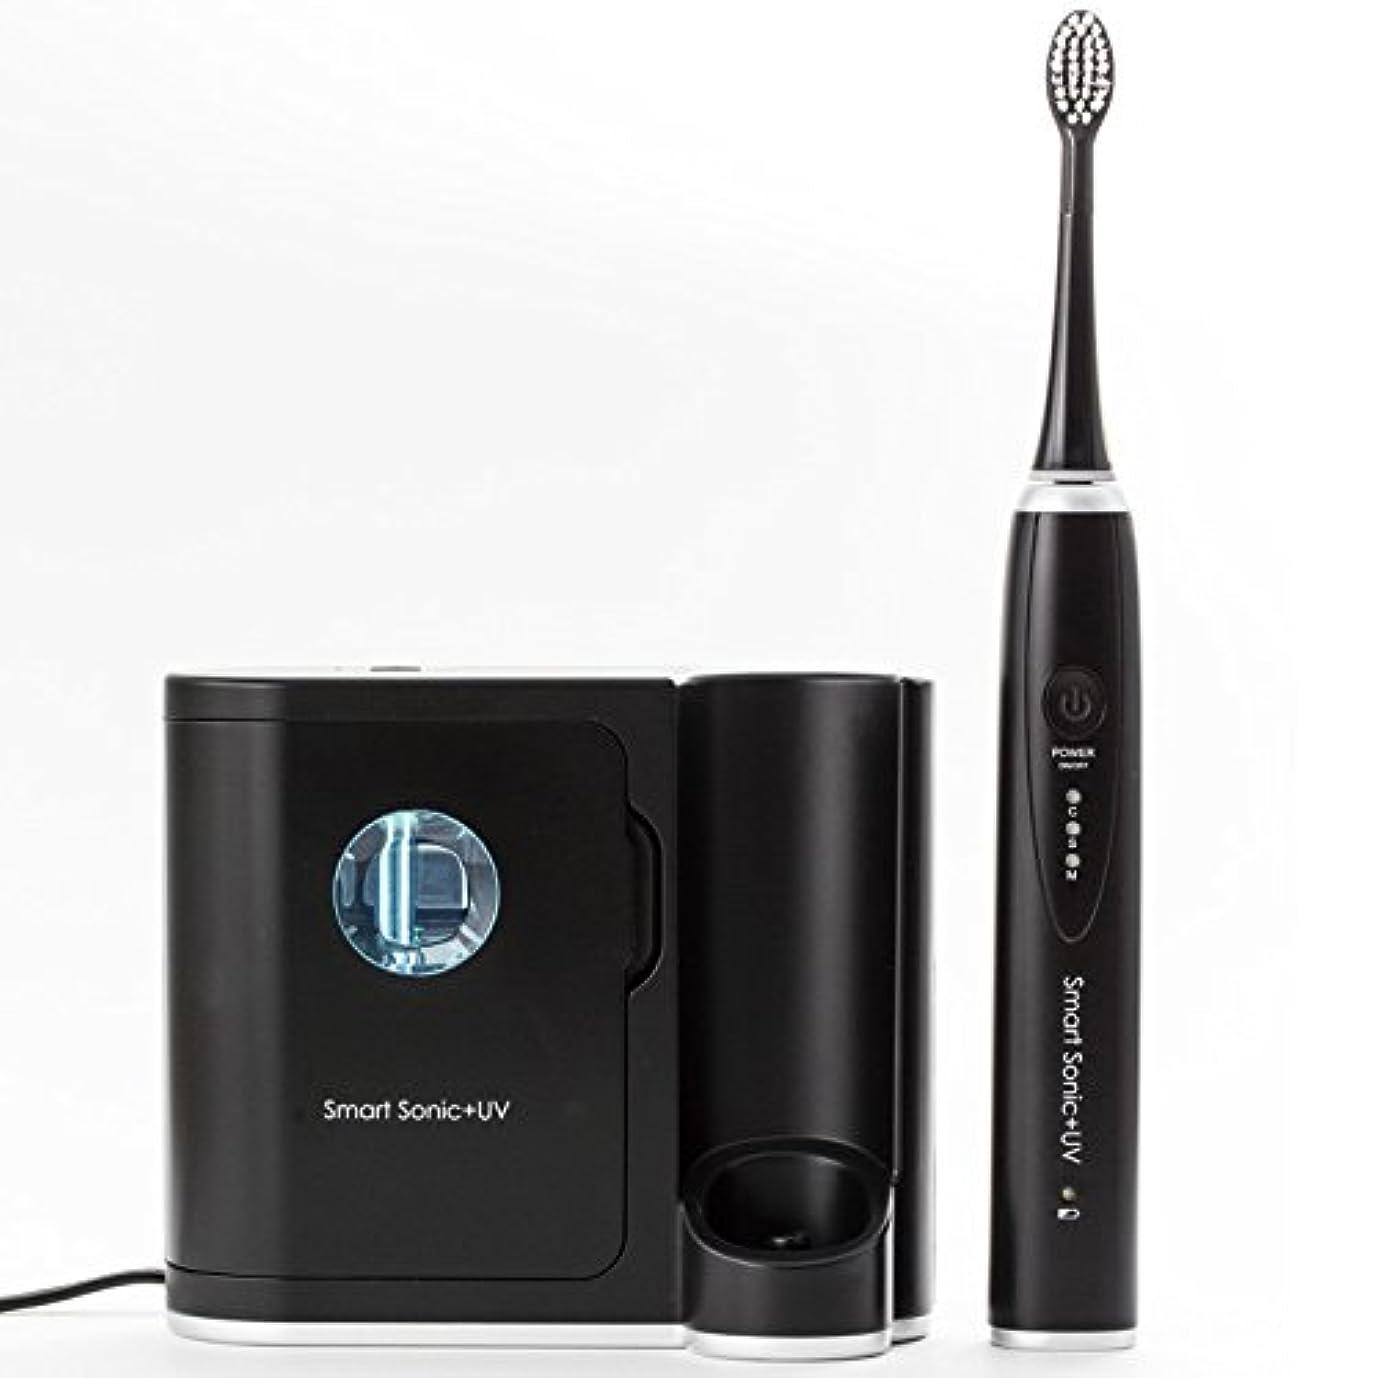 エコー発表する内陸音波歯ブラシ UV 紫外線除菌 歯ブラシ 殺菌機能付き 電動歯ブラシ スマートソニック プラス UV Smart Sonic UV